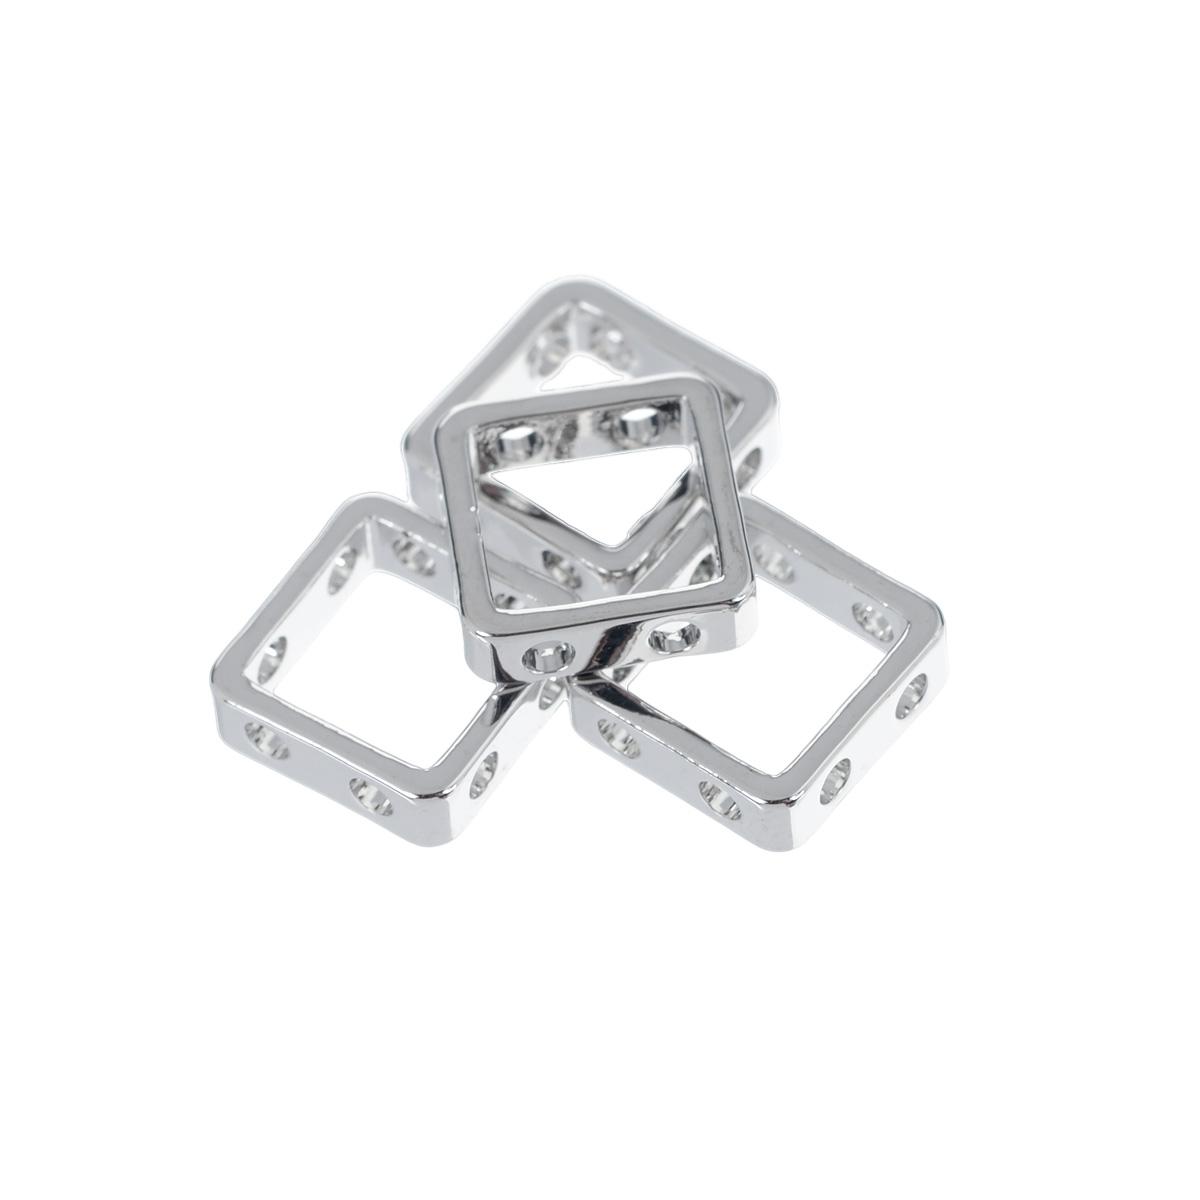 Основа для украшений Fimo, 10 мм х 10 мм, 4 шт8625-23Основа для украшений Fimo изготовлена из серебристого металла, без содержания никеля. Не тускнеет со временем. Основа квадратной формы, с отверстиями. Идеально подходит для изготовления ожерелий, сережек, браслетов. Бижутерия, сделанная своими руками, стильно дополнит ваш образ и подчеркнет вашу яркую индивидуальность. Толщина: 3 мм.